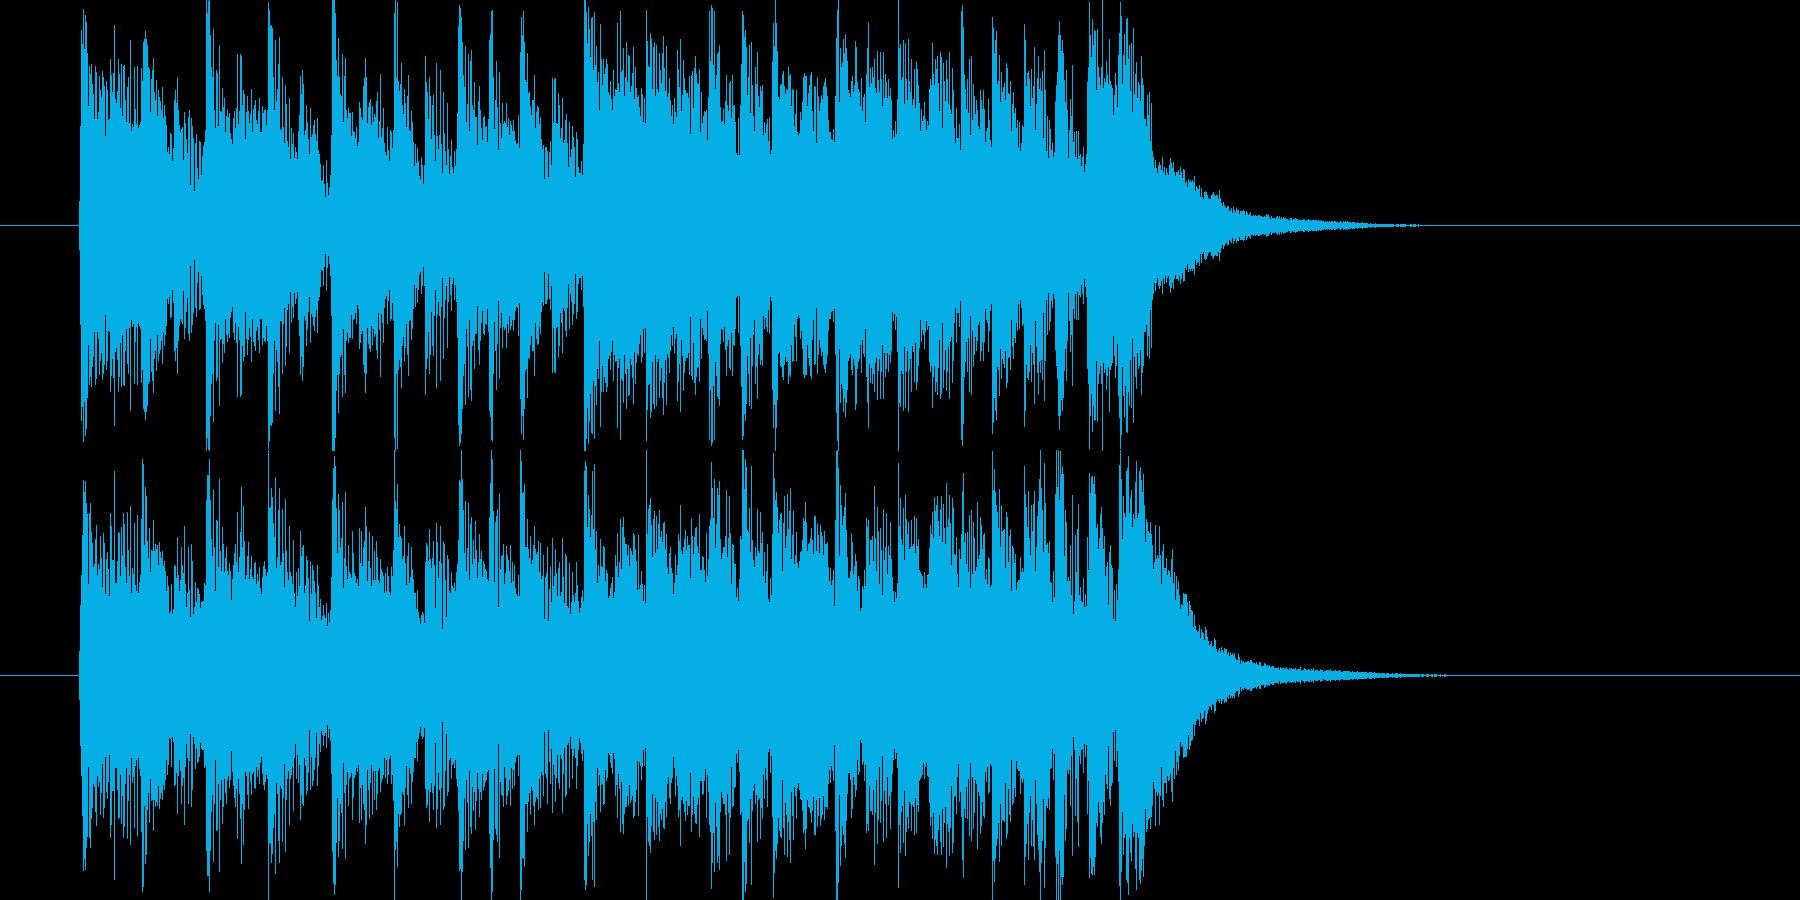 打楽器と吹奏楽による短い演出の再生済みの波形